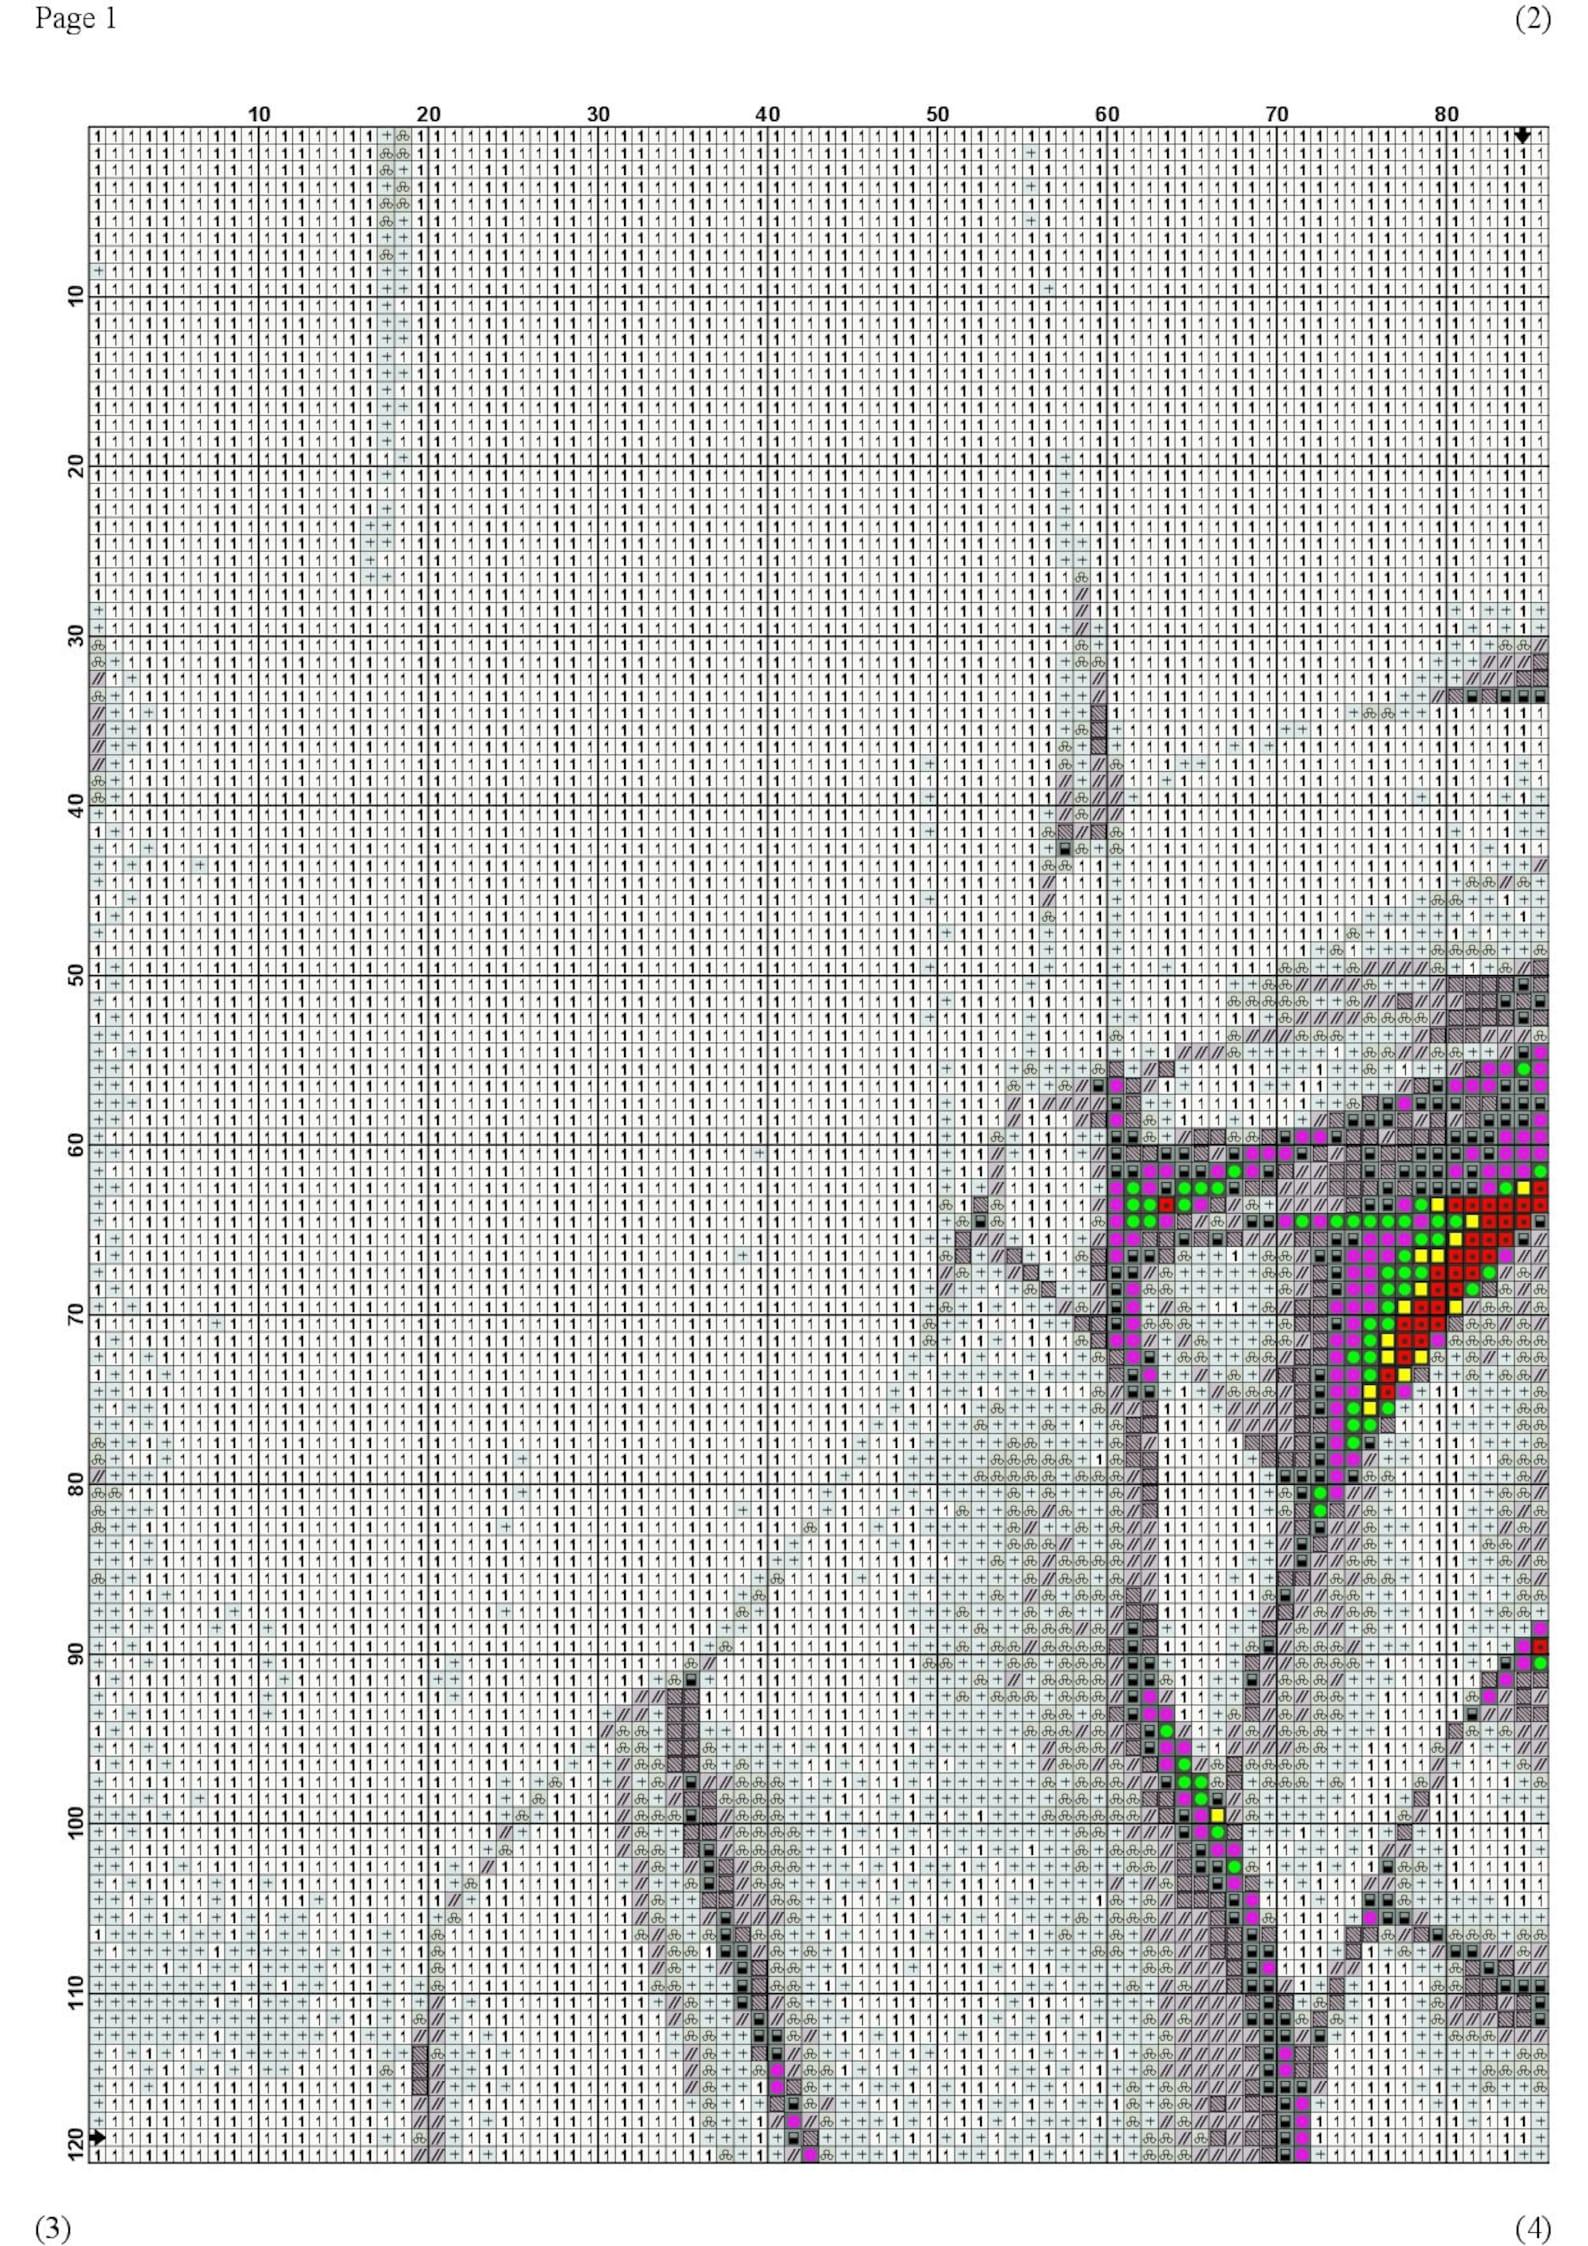 ballet shoes pointe cross stitch pattern - counted cross stitch pattern - hand embroidery - modern pattern - pdf file